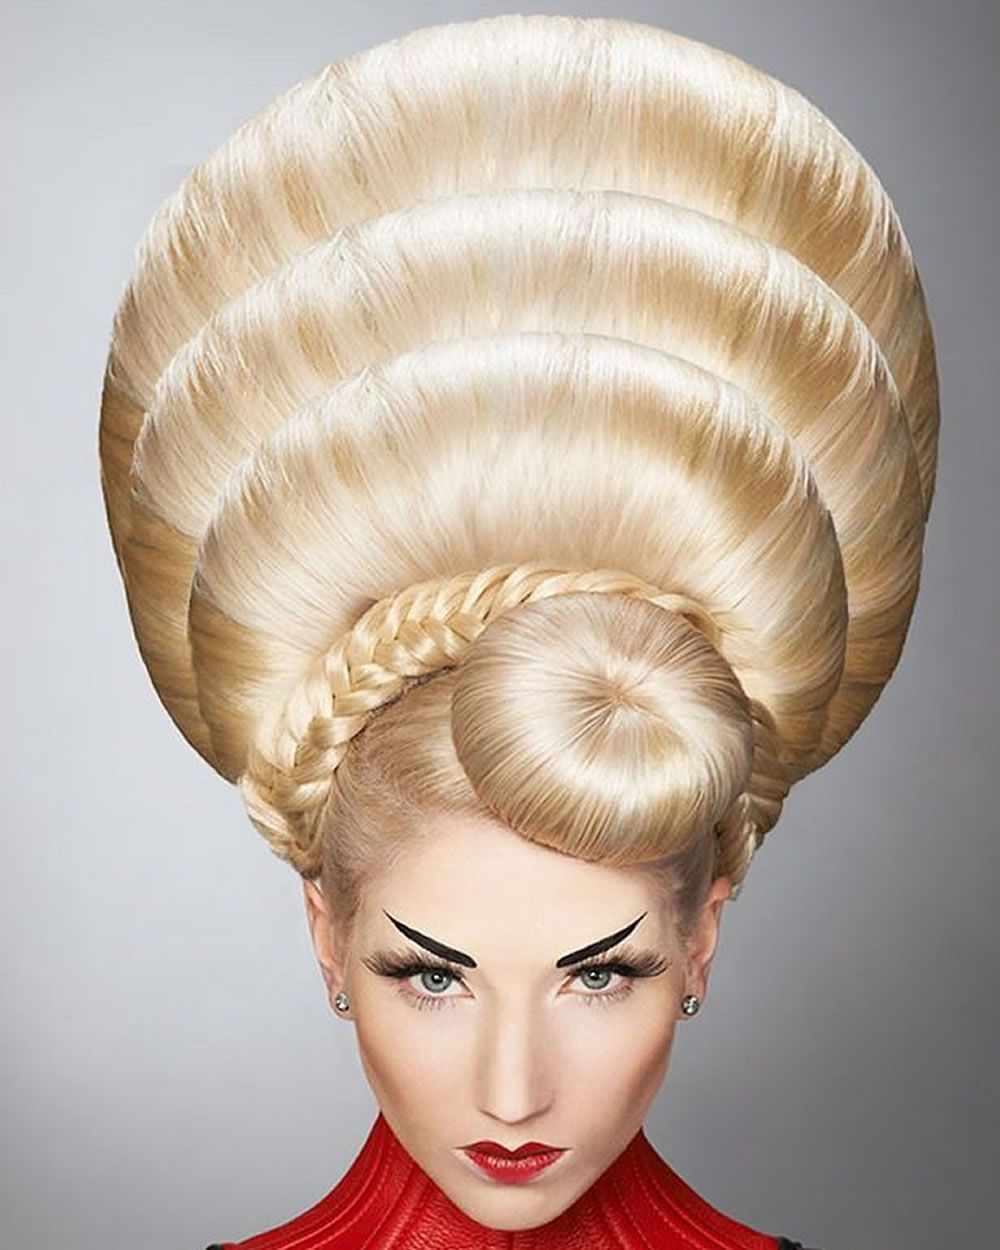 Crazy Hairstyles 2018 Extrême Coiffures Et Coupes De Cheveux Pour Femmes Fou  Coupe